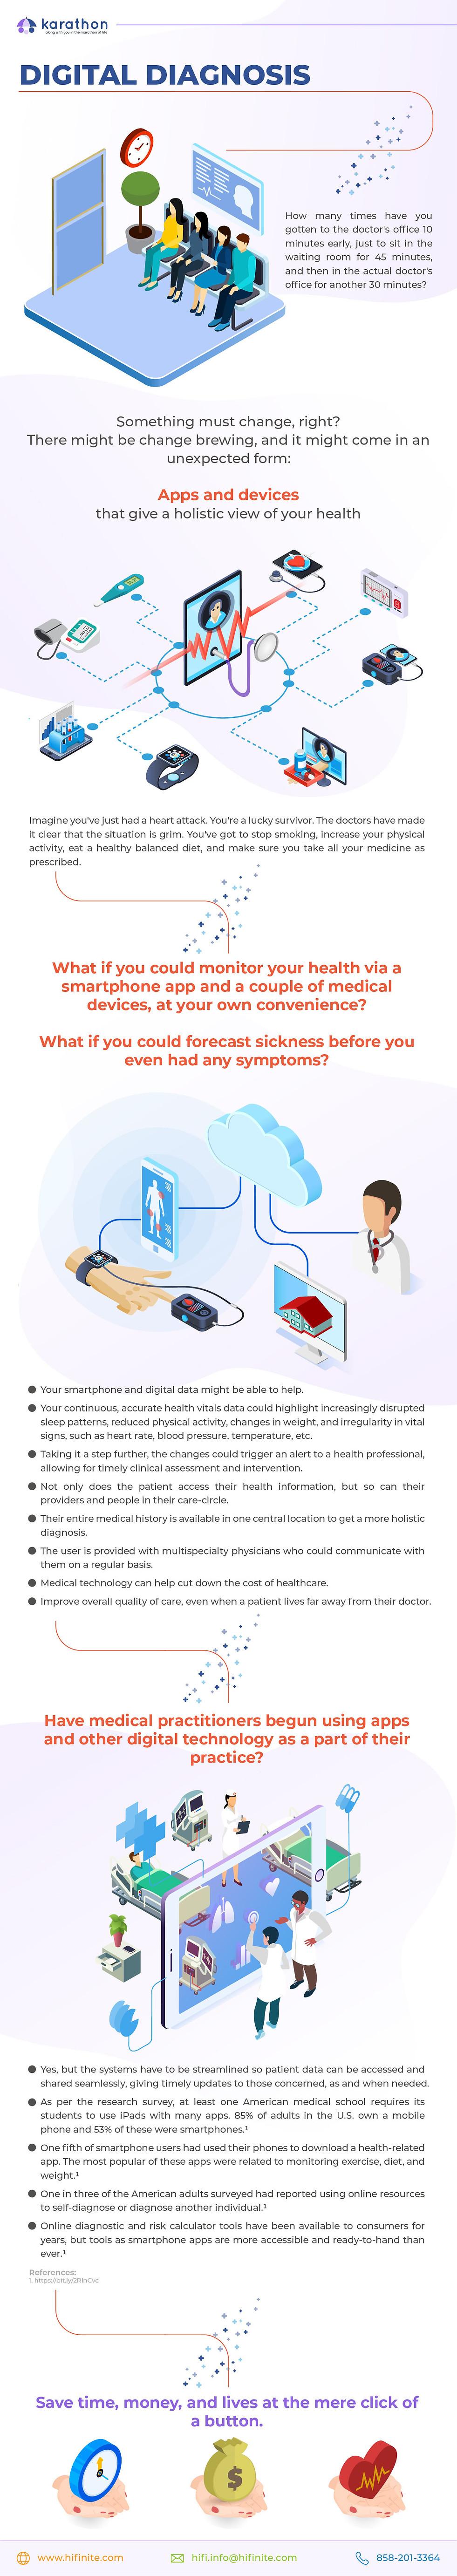 7. Digital diagnosis-01.jpg